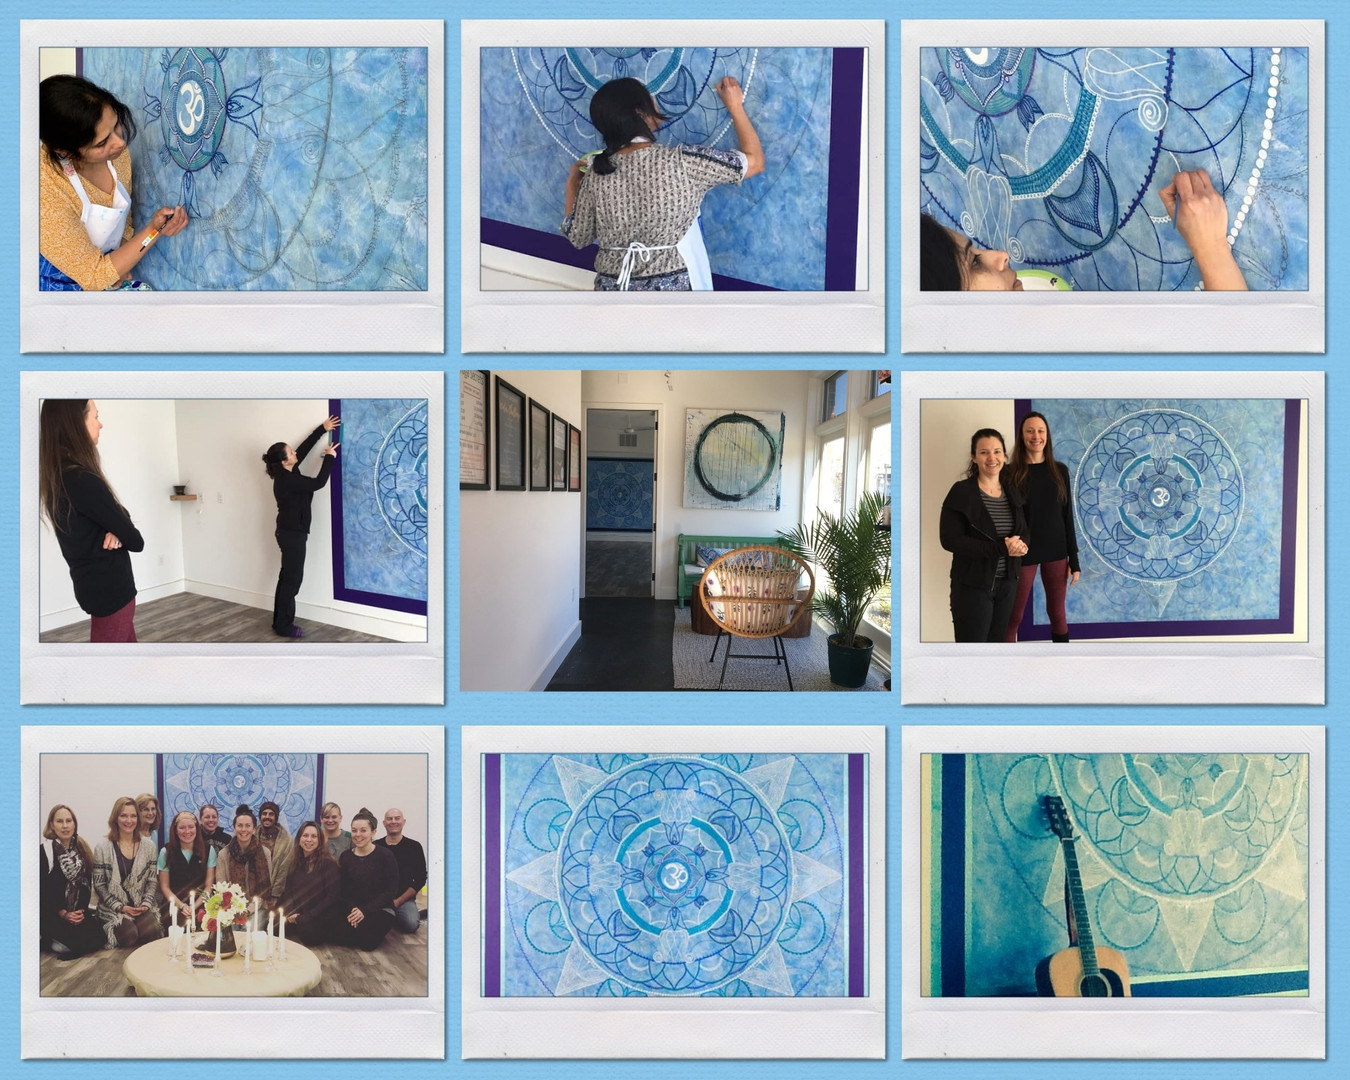 Mandala Wall Mural, #WIP (2019)